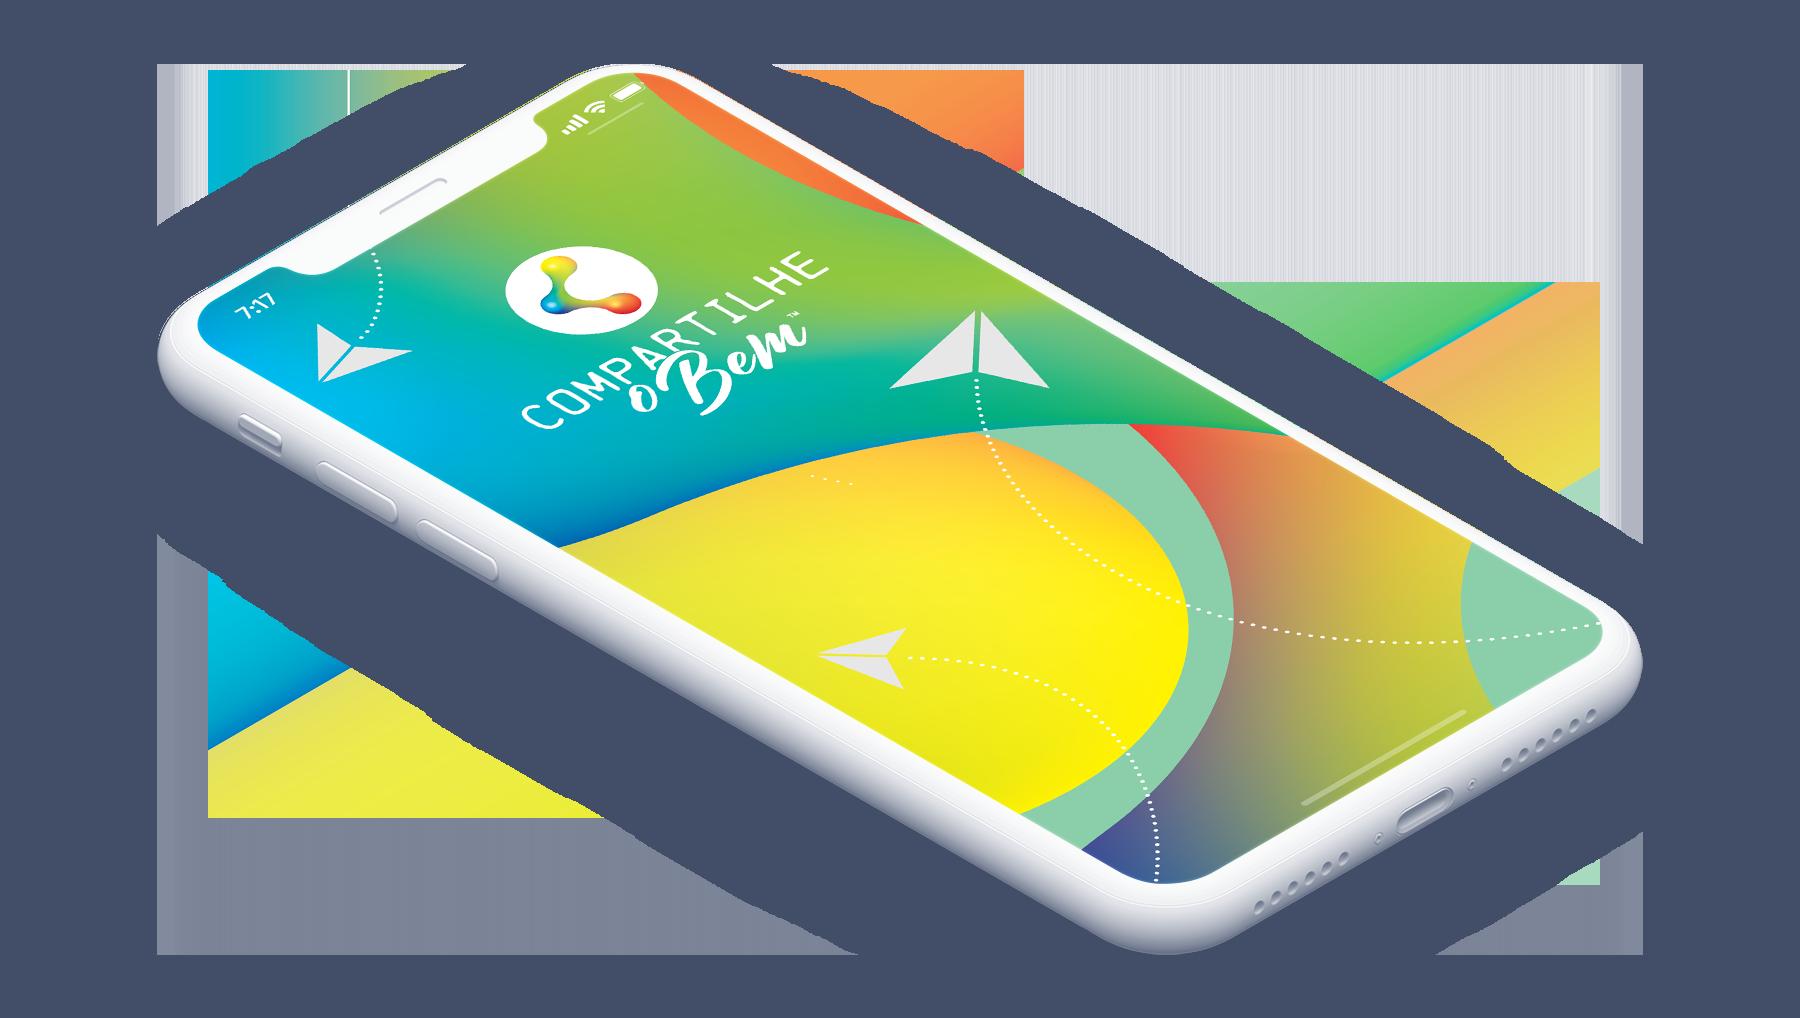 splash-screen-app-compartilhe-o-bem.png